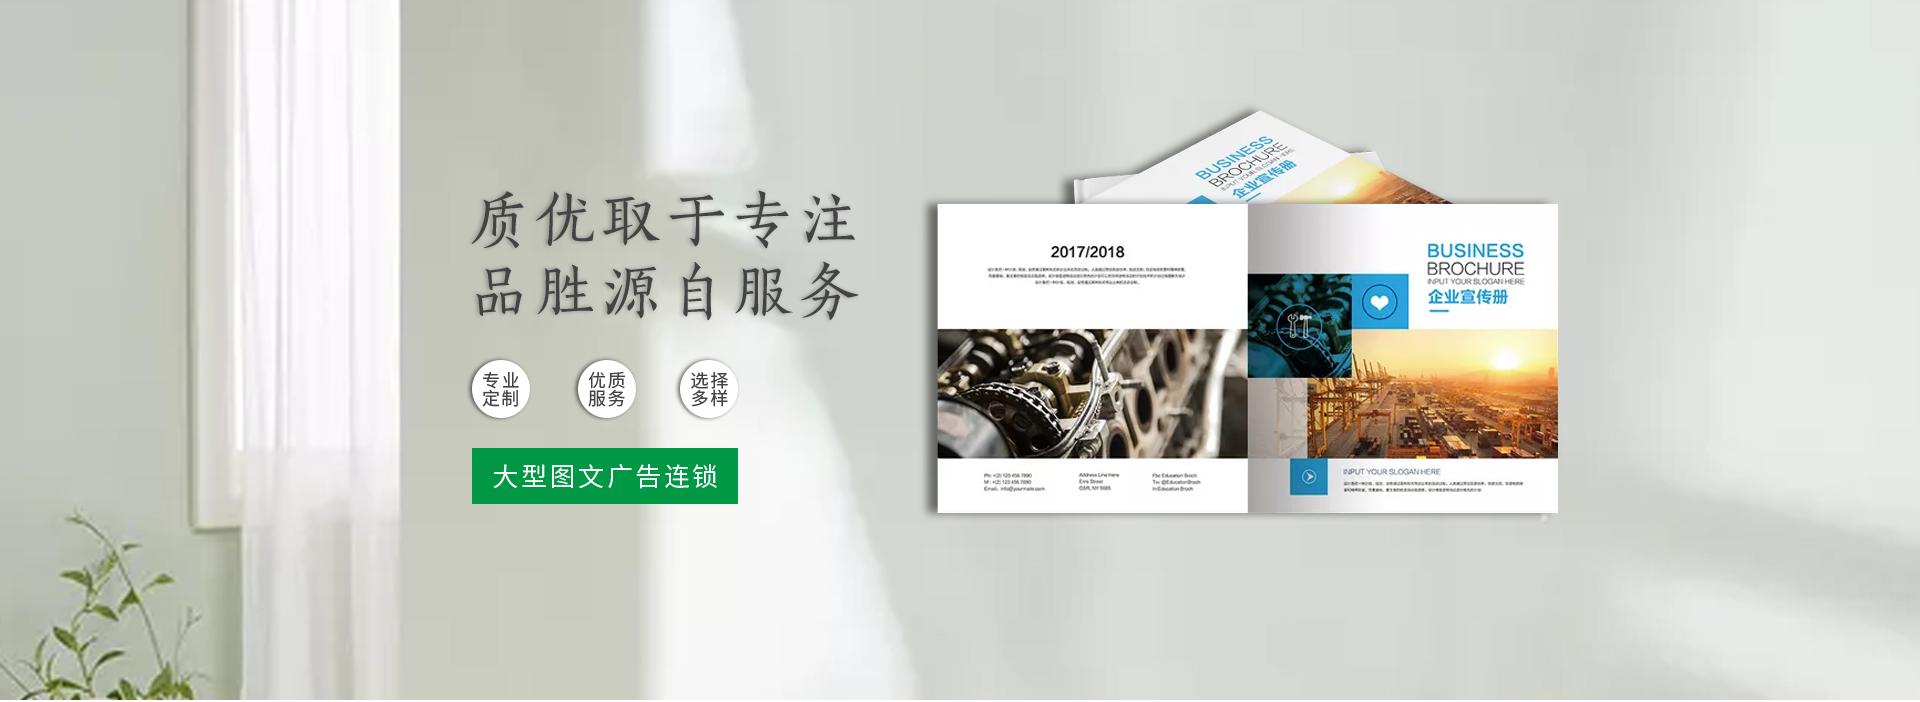 珠海图文广告